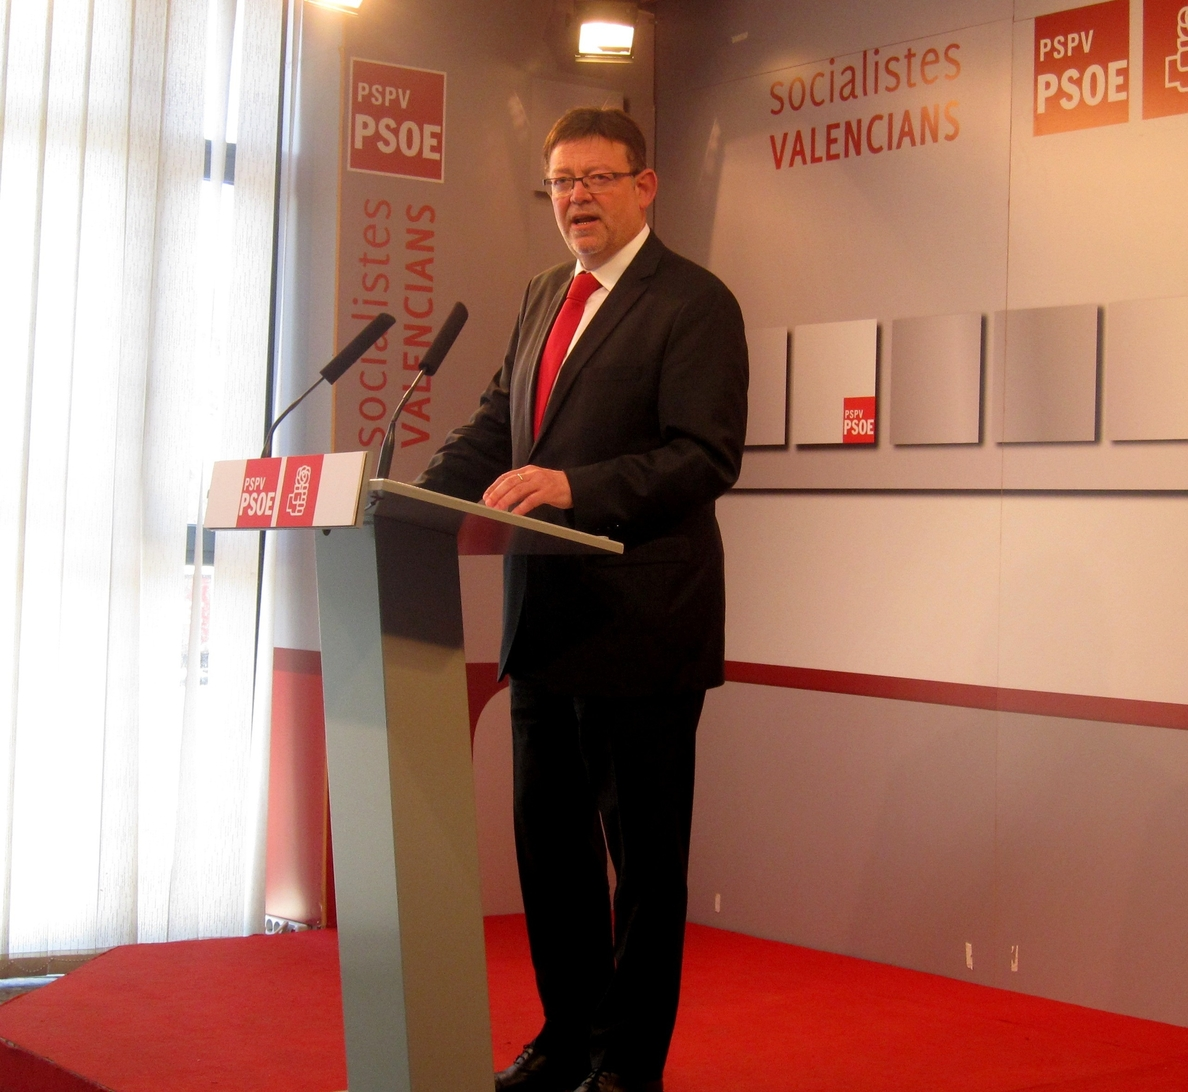 El PSOE valenciano convencido de que estará en la nueva dirección de Pedro Sánchez